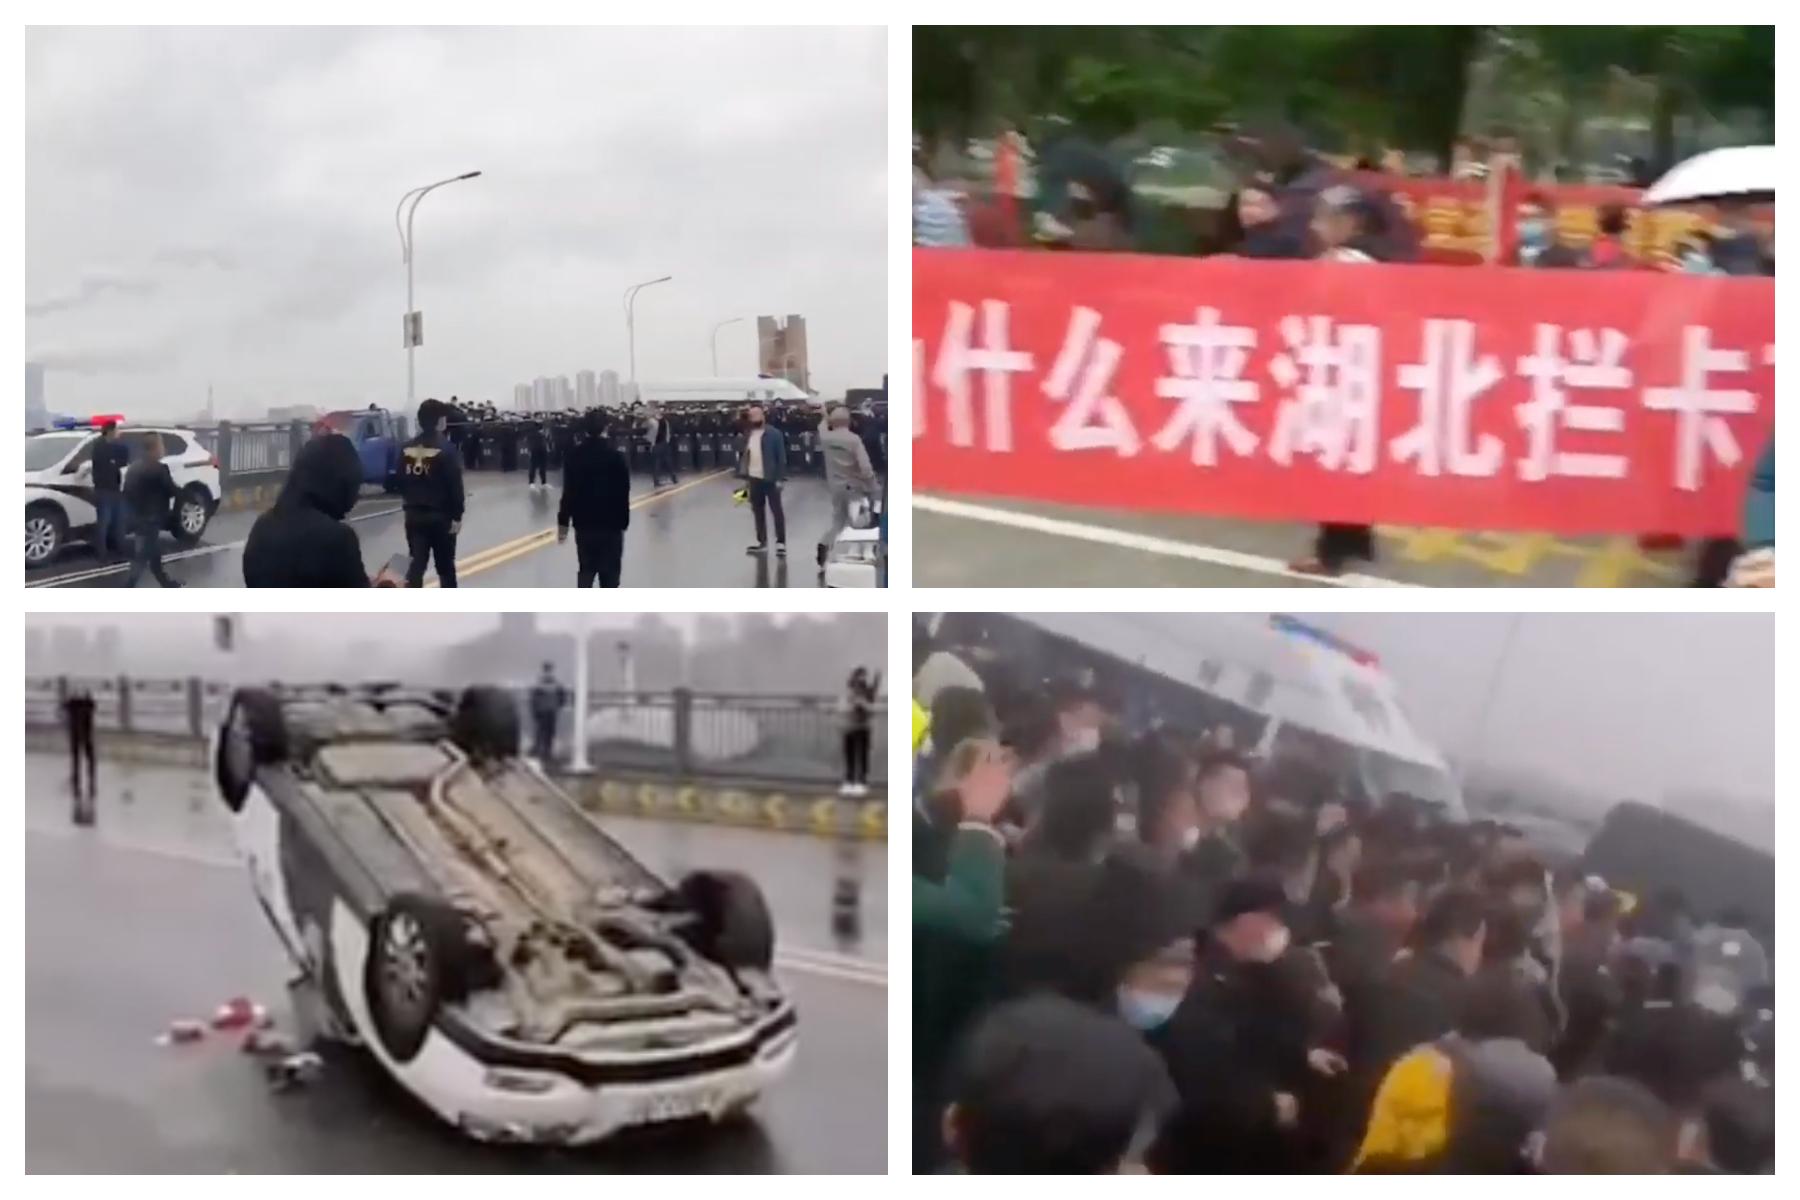 江西警察禁湖北人入境 爆大規模群體衝突